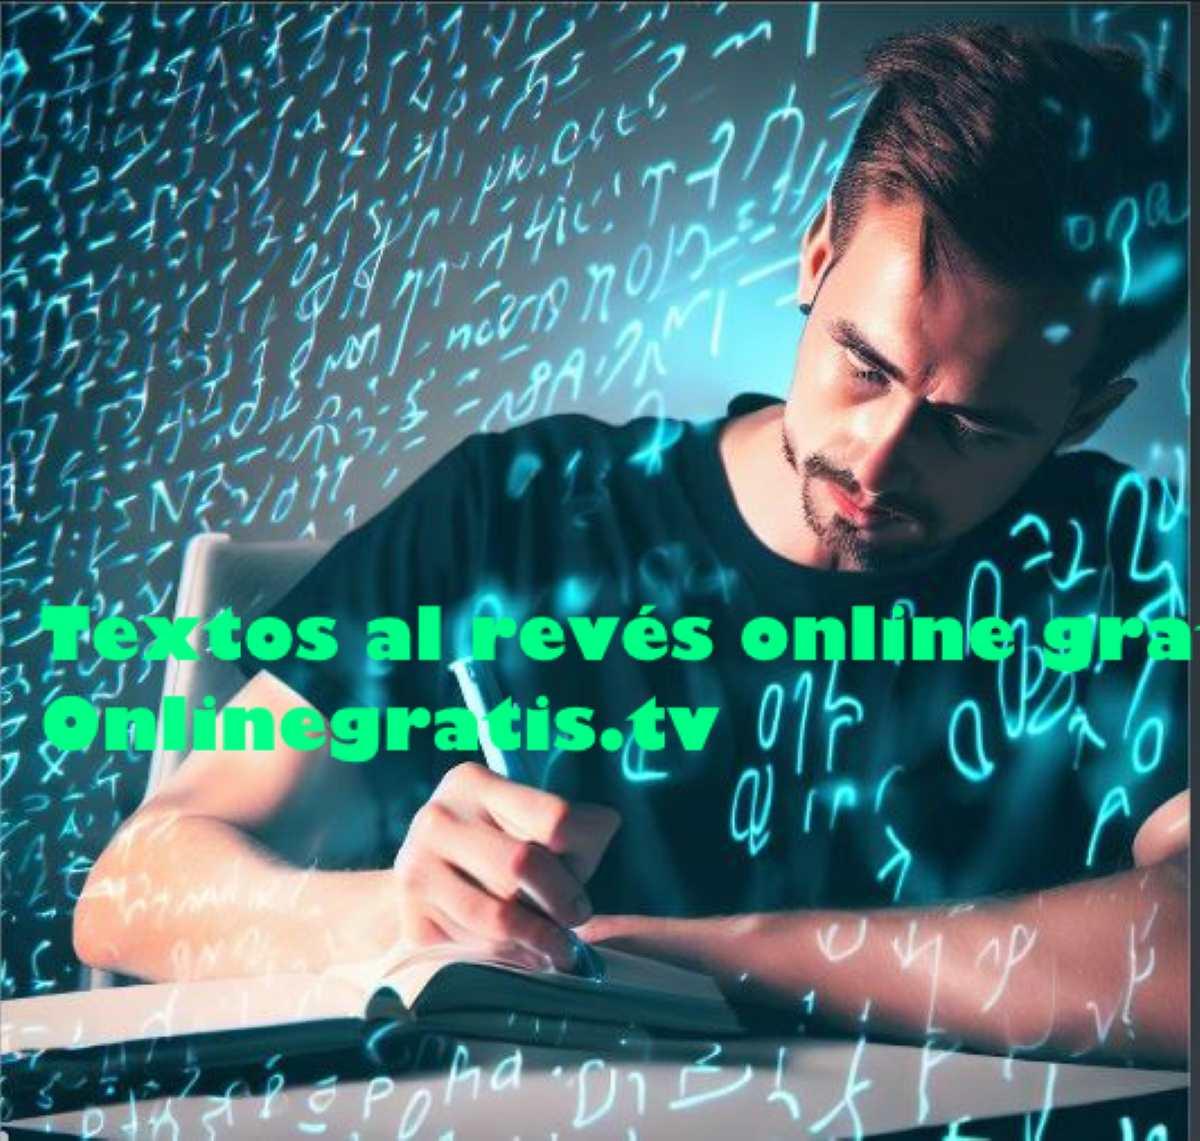 Escribir Textos Al Revés Online Gratis